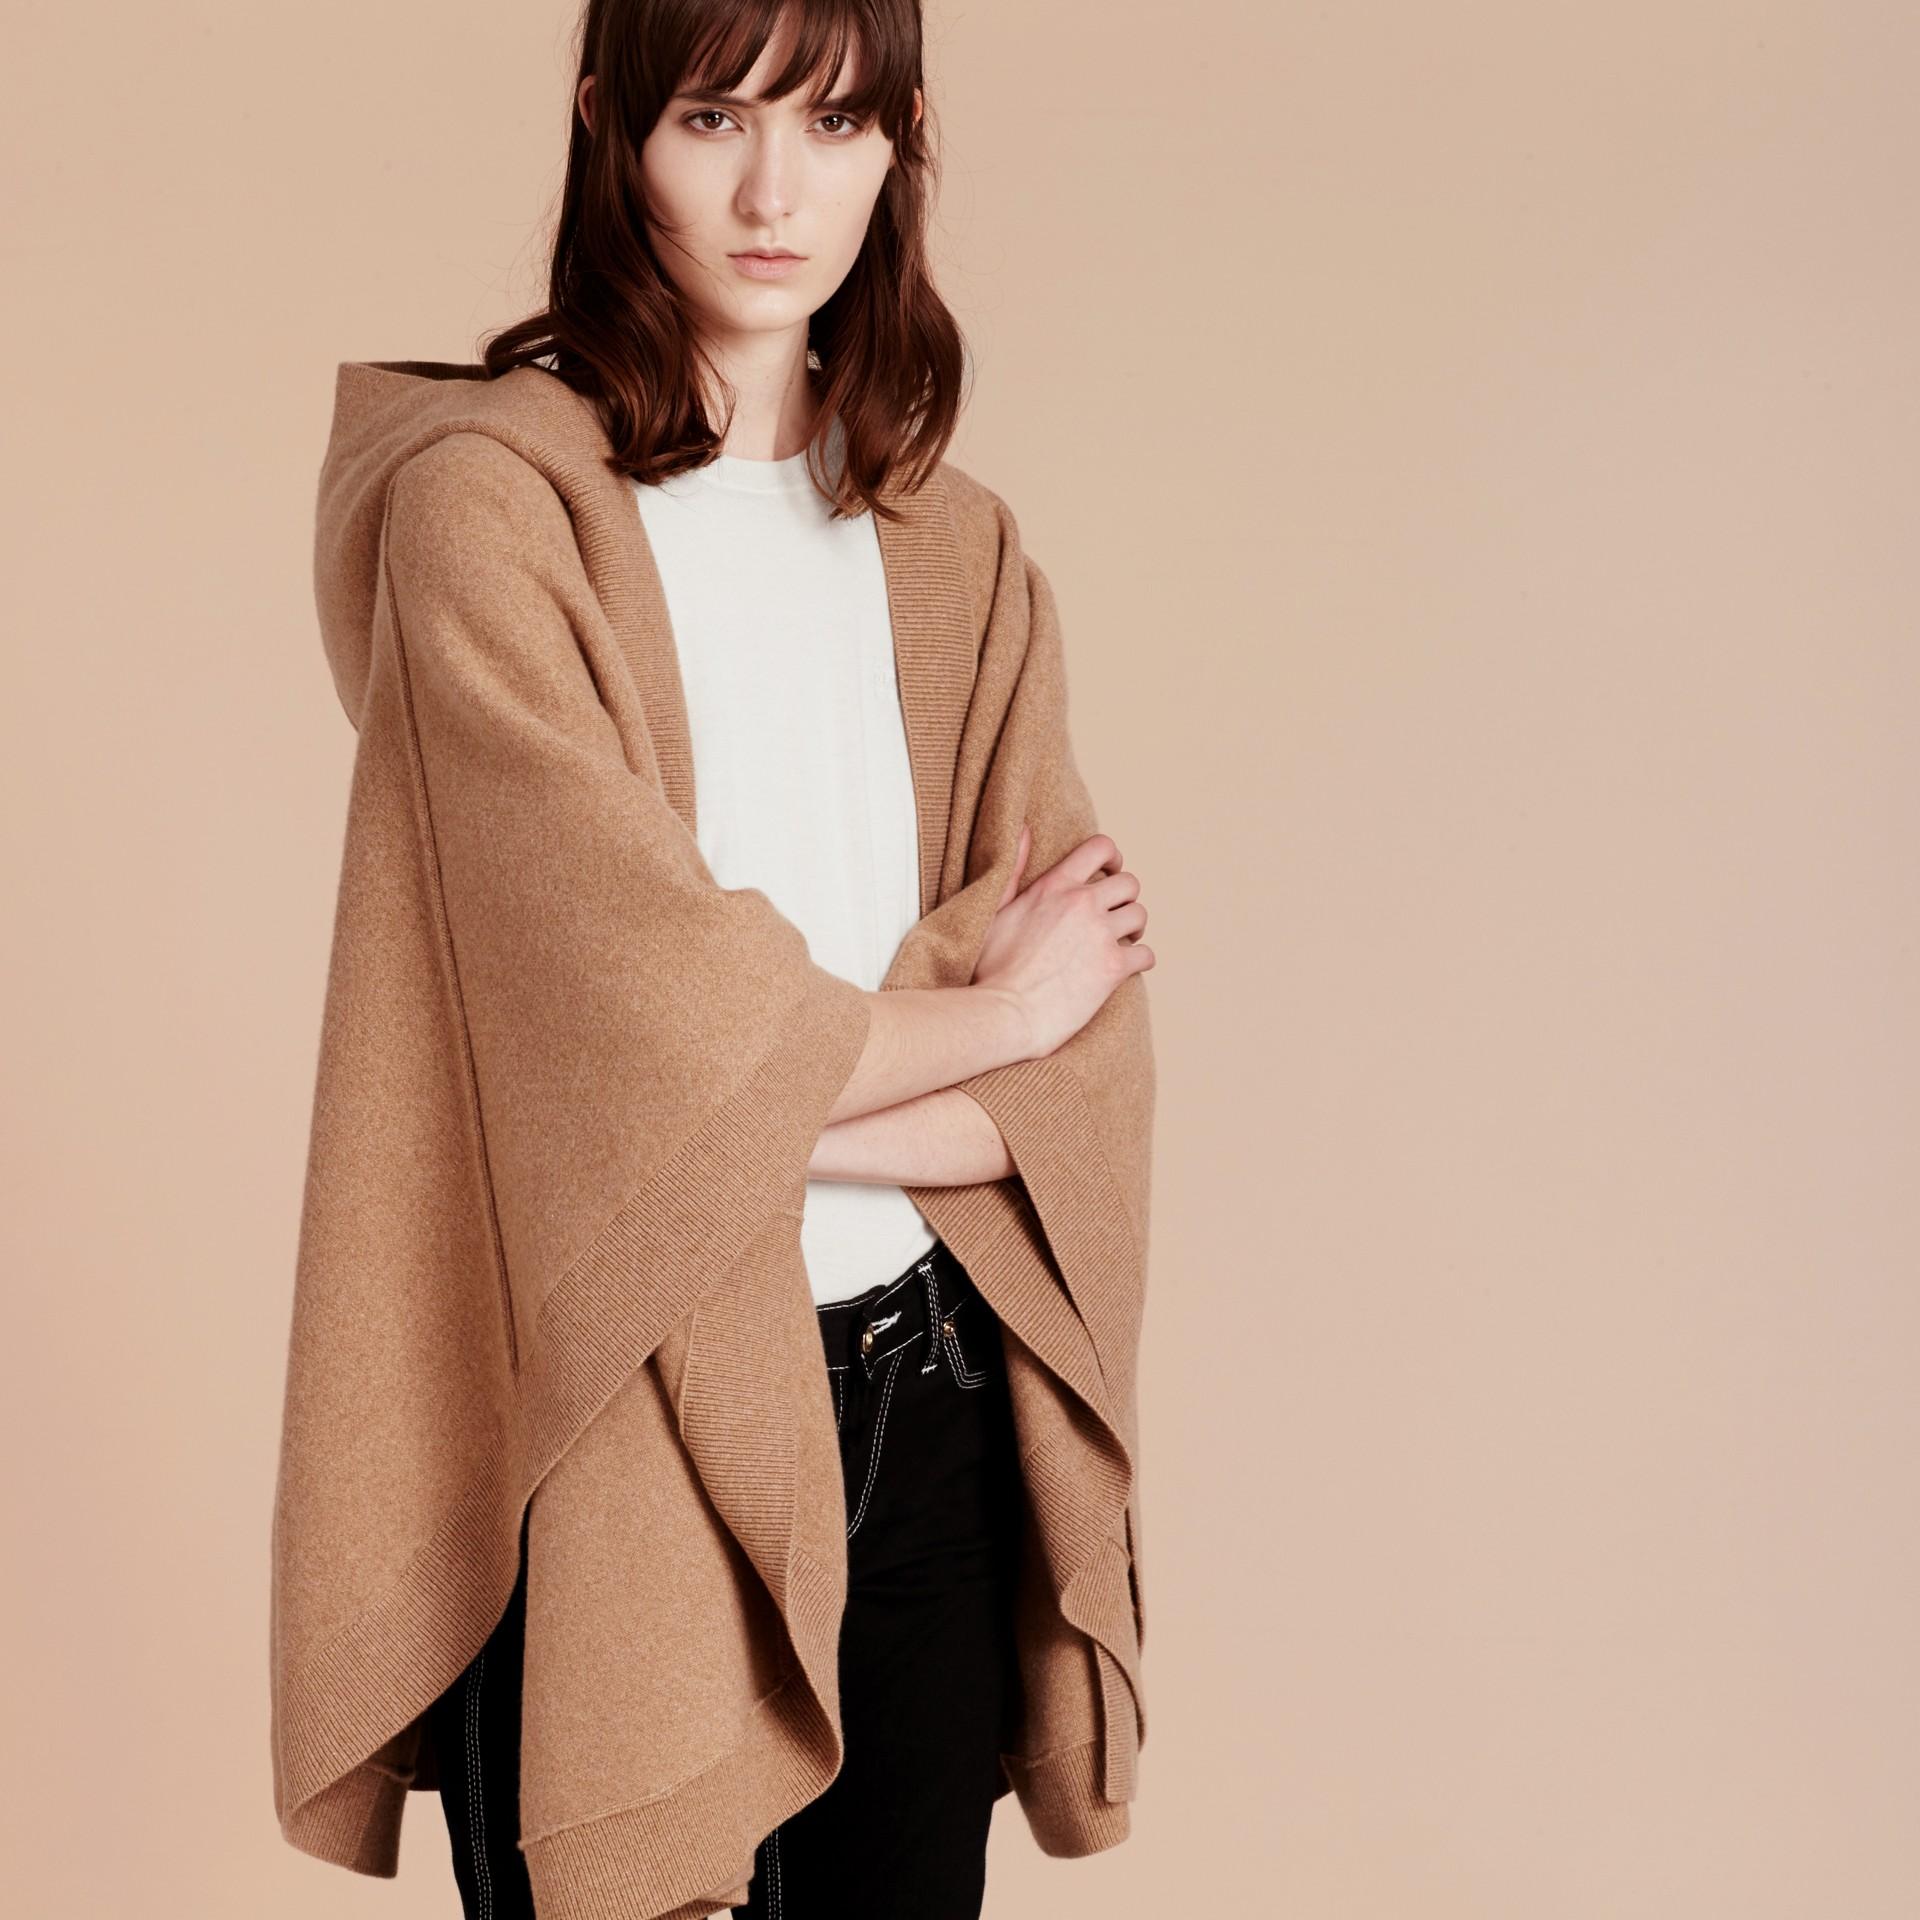 Cammello Poncho con cappuccio in misto lana e cashmere Cammello - immagine della galleria 5